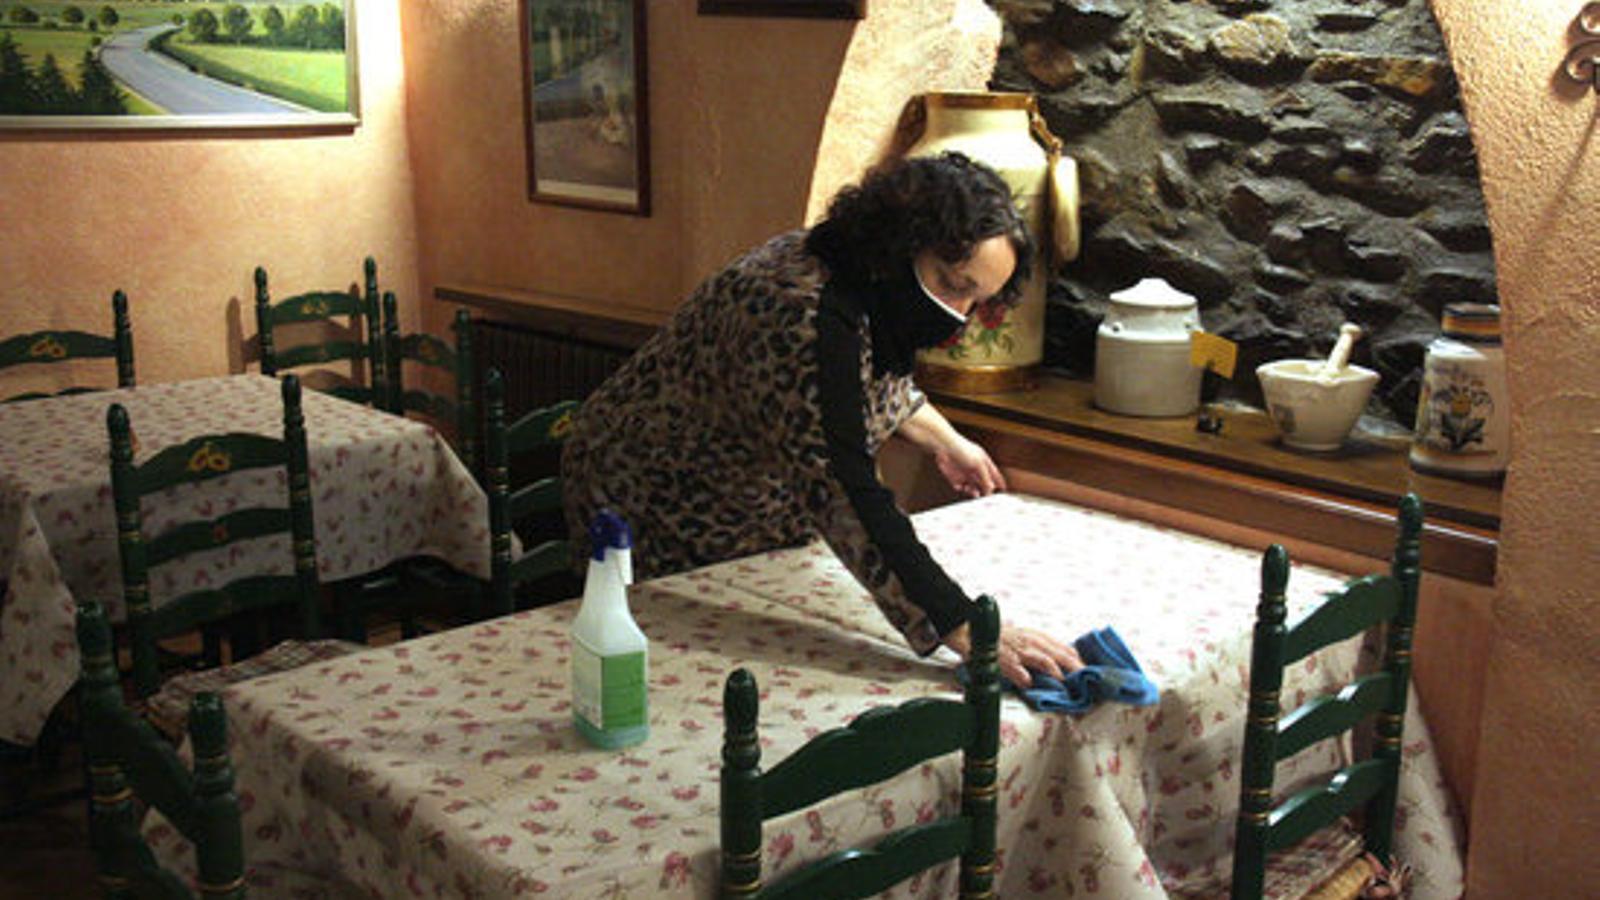 La presidenta de l'Associació de Bars i Restaurants de la Cerdanya, Nativitat Bover, neteja una de les taules del seu establiment situat a Alp. / ACN